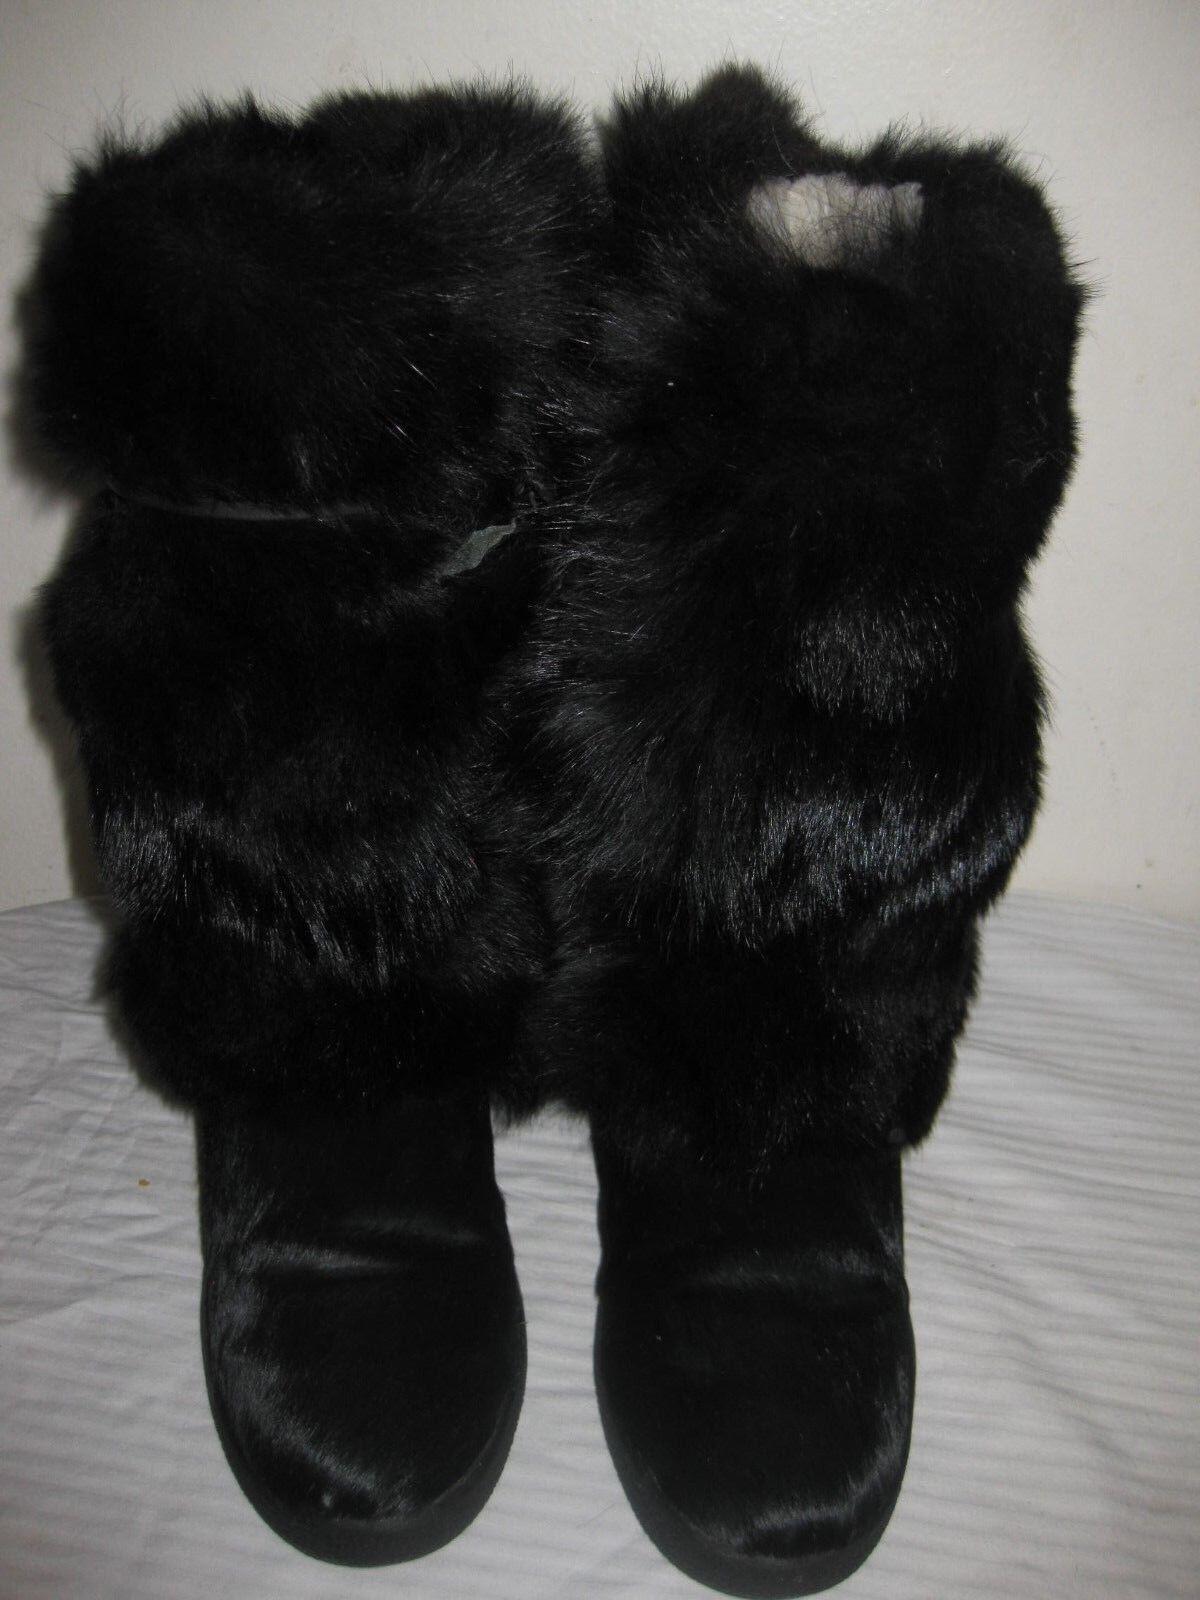 L'ELISA APRES SKI FUR  DONNE WEDGE stivali mostra la Dimensione 38 RUN SMALL FIT US 6.5  negozio d'offerta